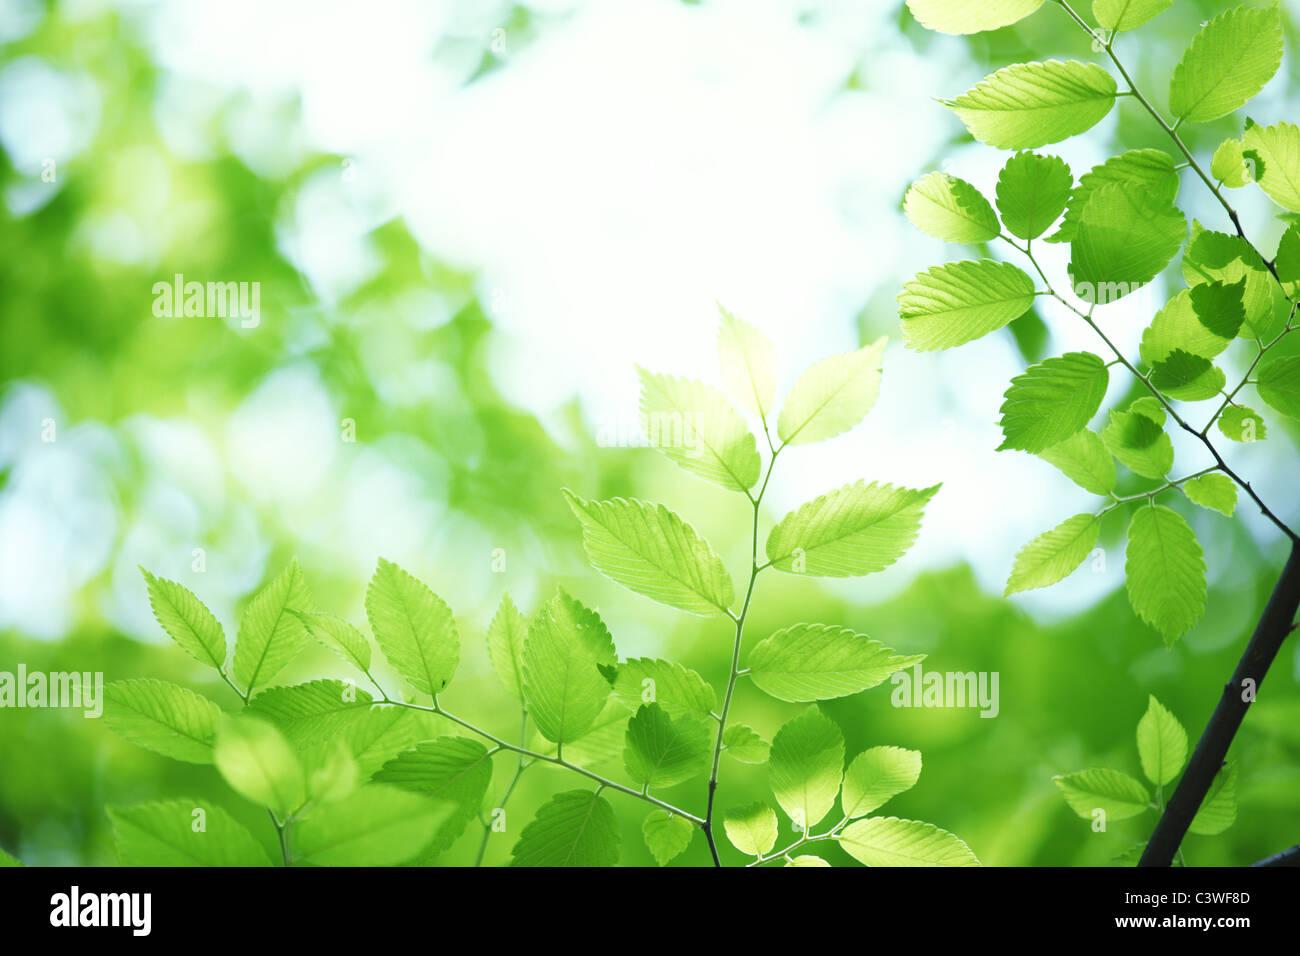 Hojas verdes contra el cielo brillante Imagen De Stock